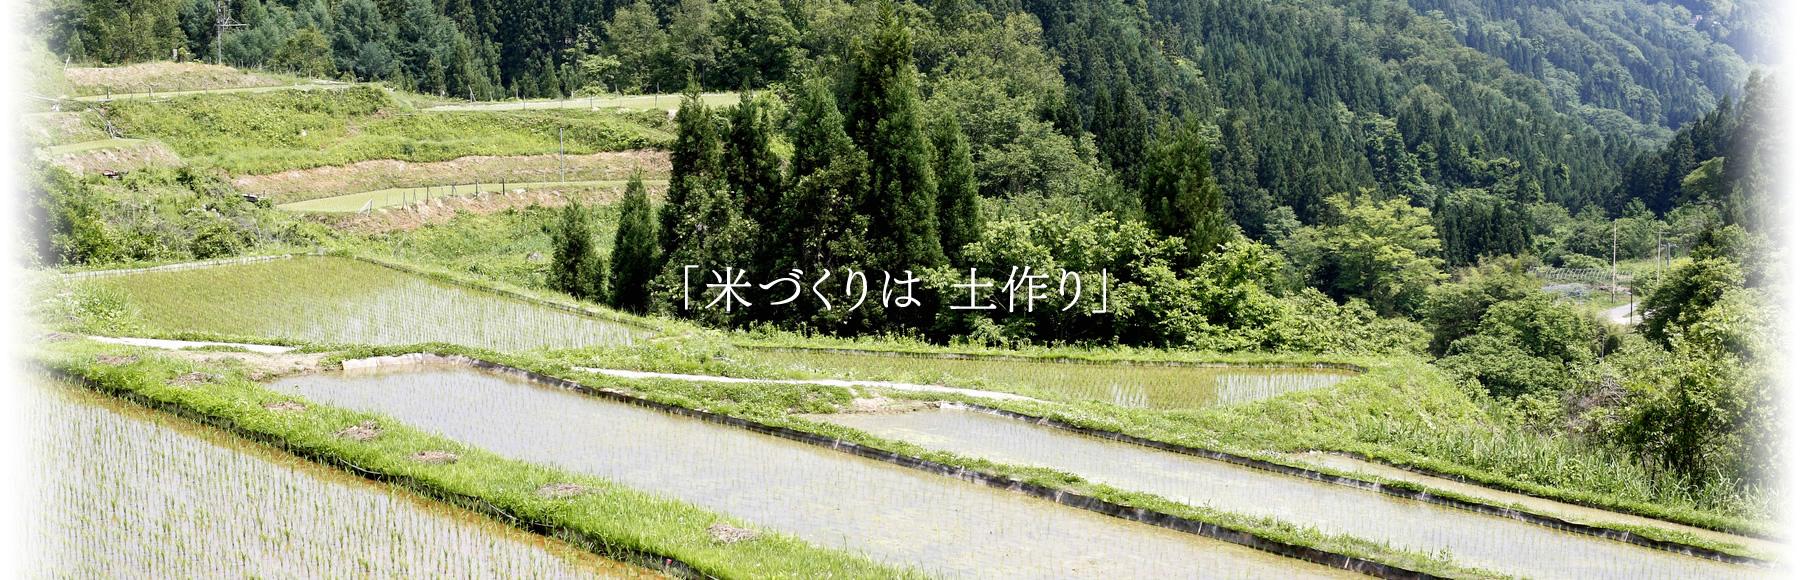 米作りは土作り